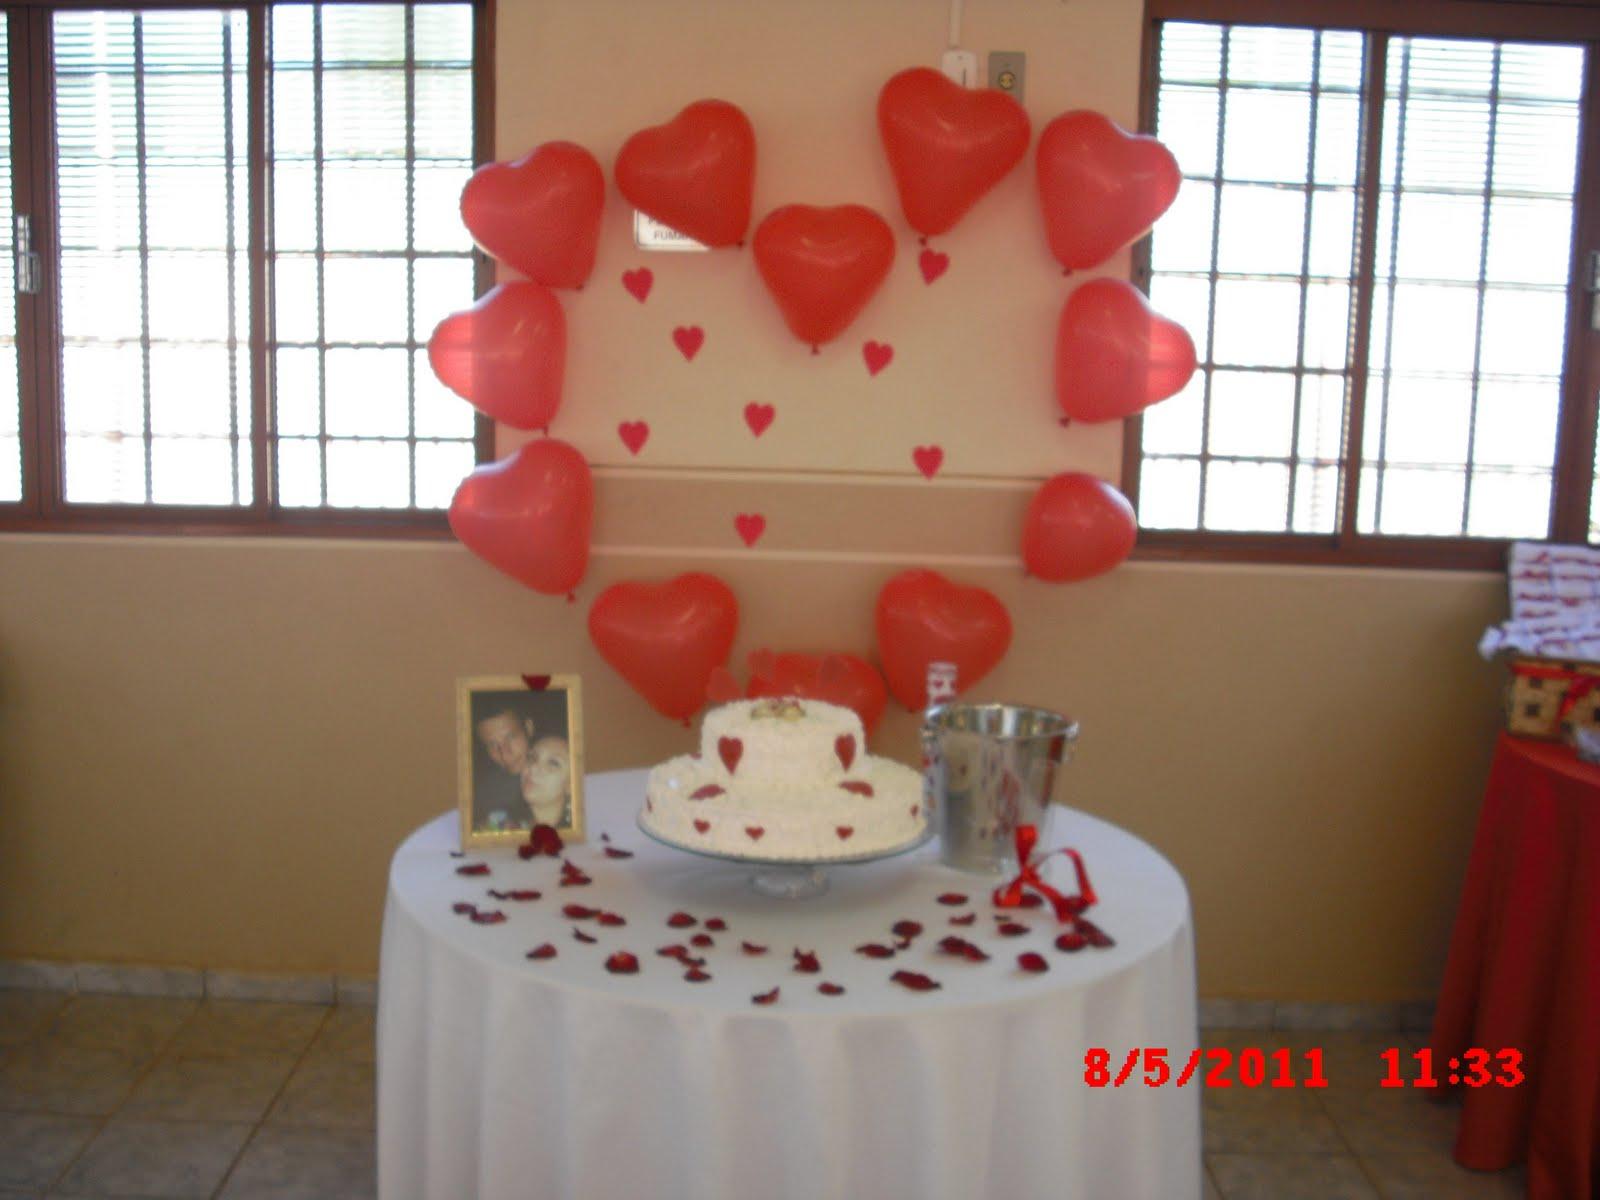 Nasce uma Noiva Noivado Decoraç u00e3o -> Decoracao De Tnt Casamento